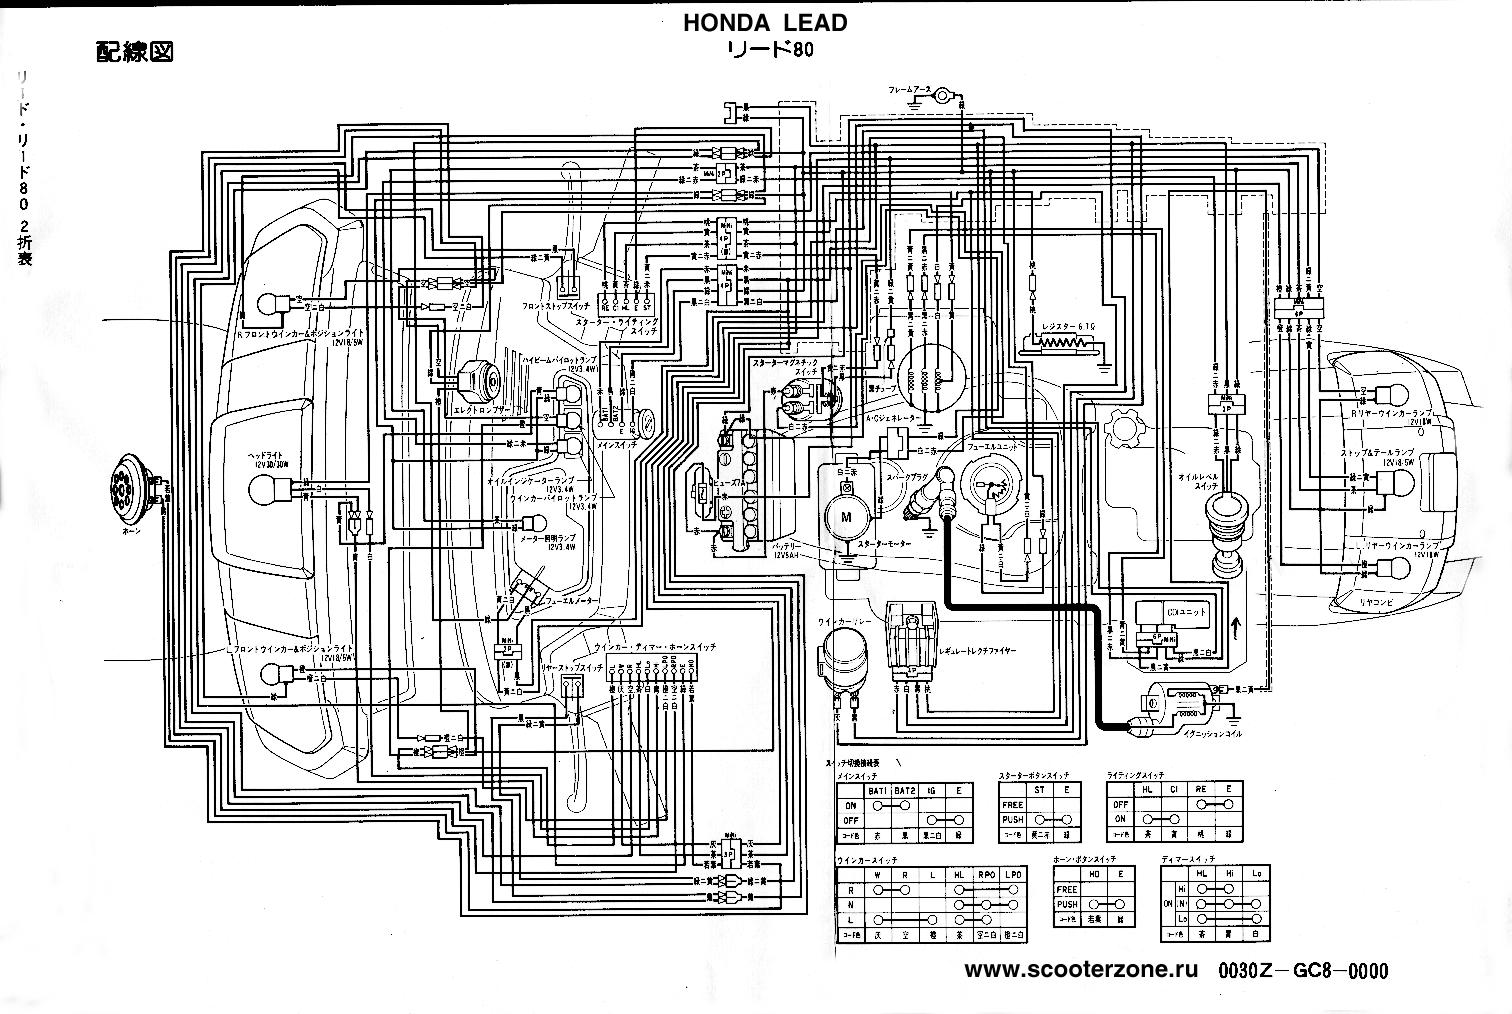 Схема электрооборудования скутеров Honda Lead 80.  Предыдущая статья.